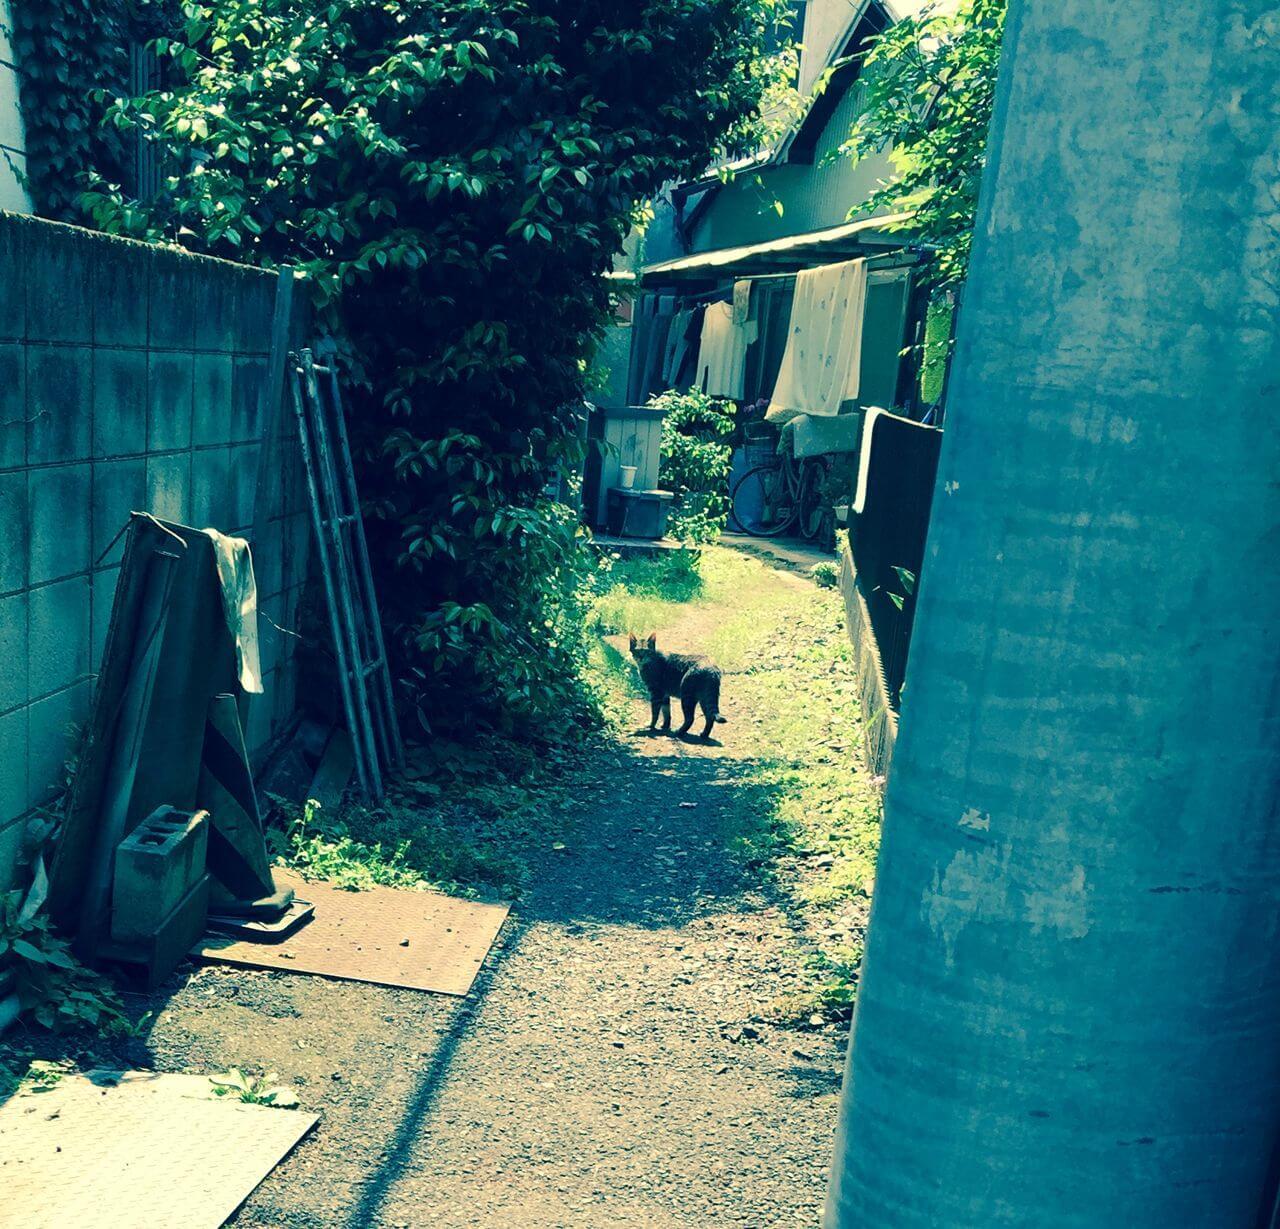 ネコさんと遭遇の日記イメージ写真